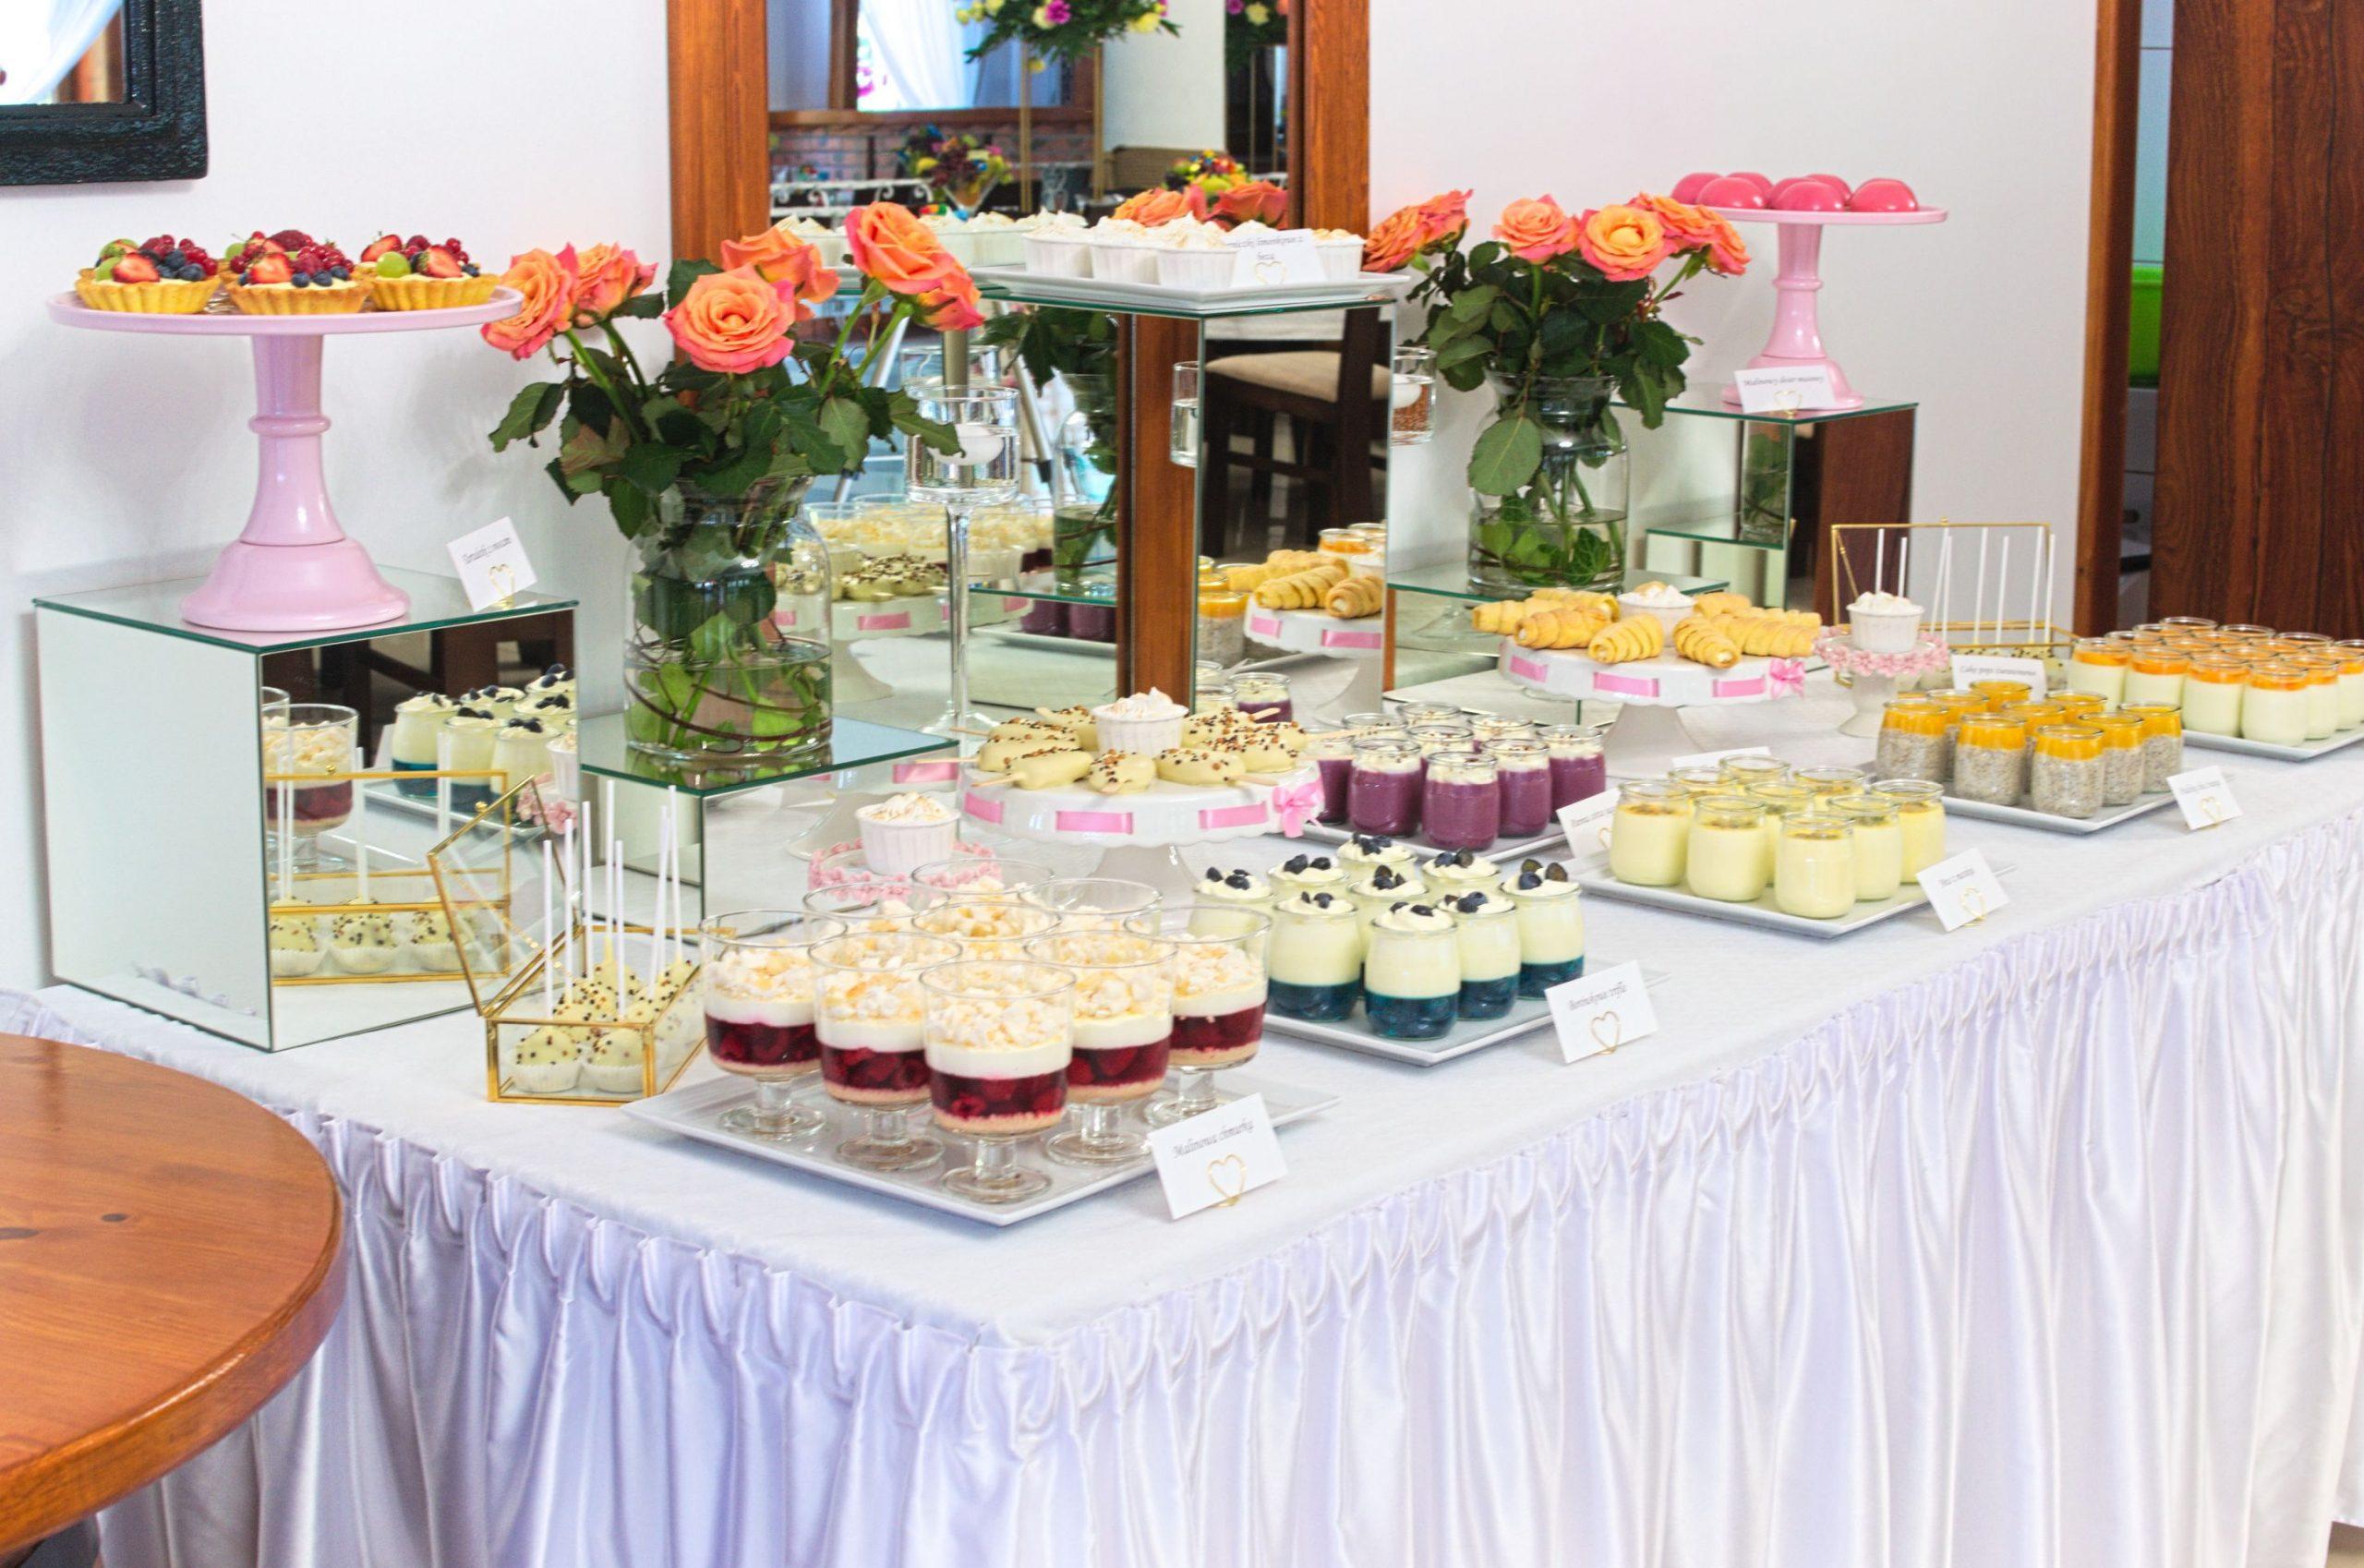 Słodki stół - róż, biel i złoto